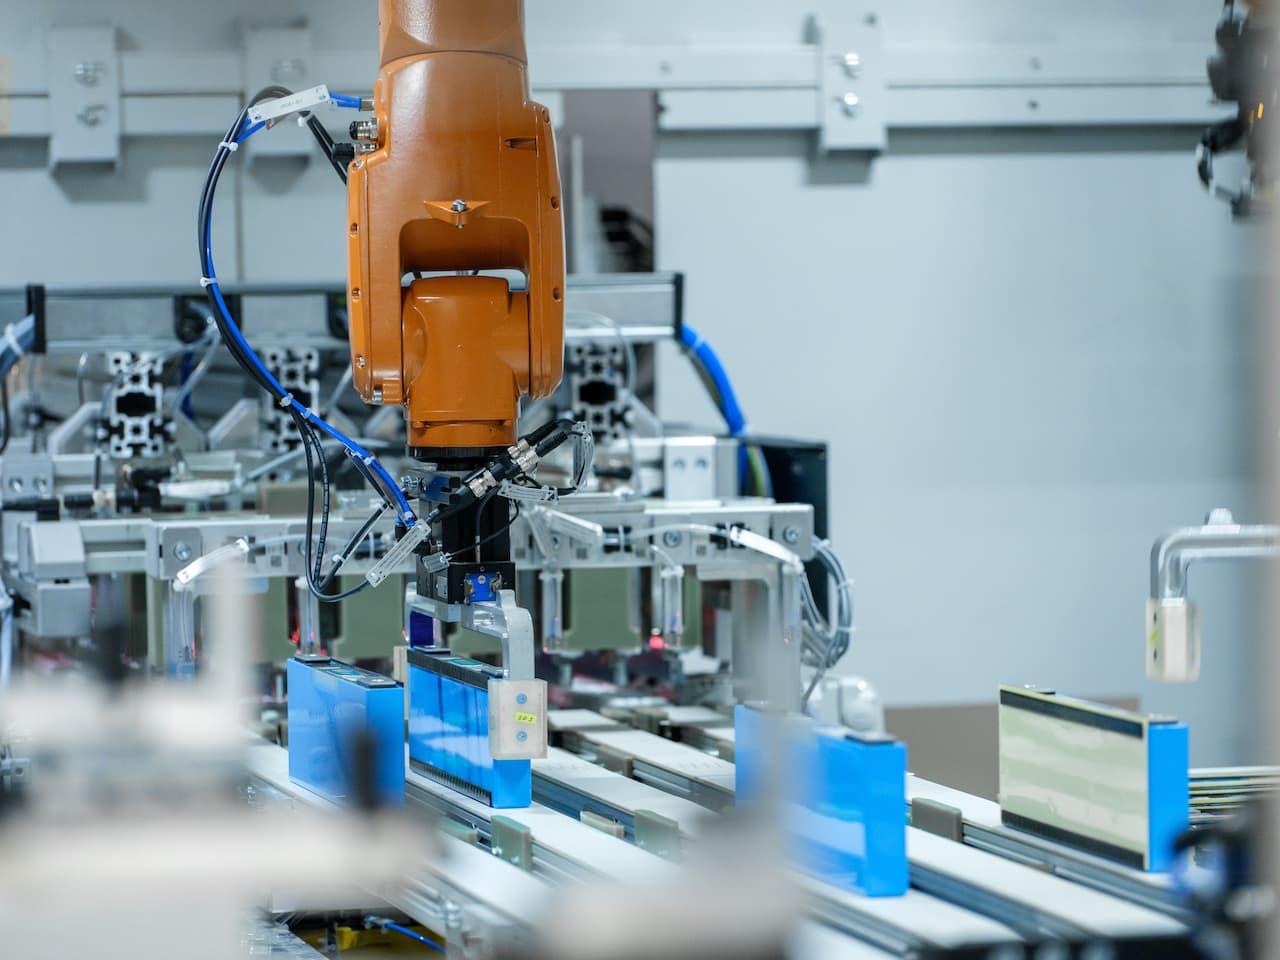 BMW-Elektroauto-Akku-Batterie-Modul-Produktion-Roboter